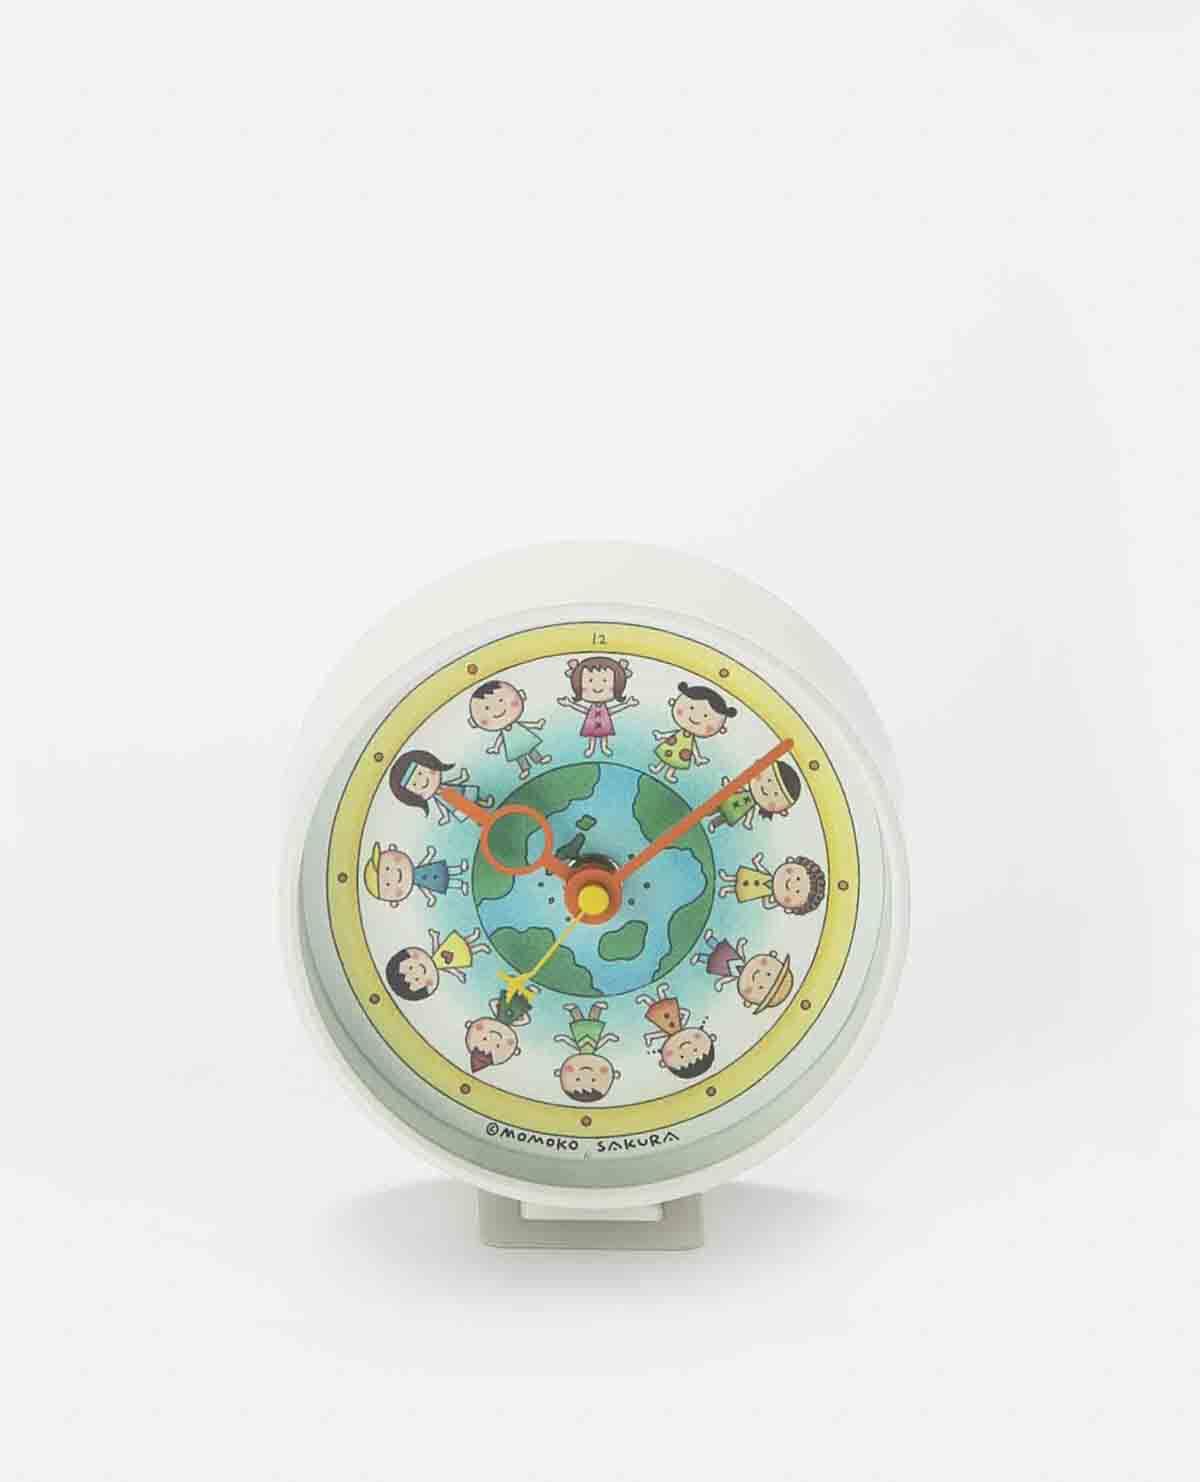 地球の子供たち クロック 時計 置き時計 ちびまる子ちゃん